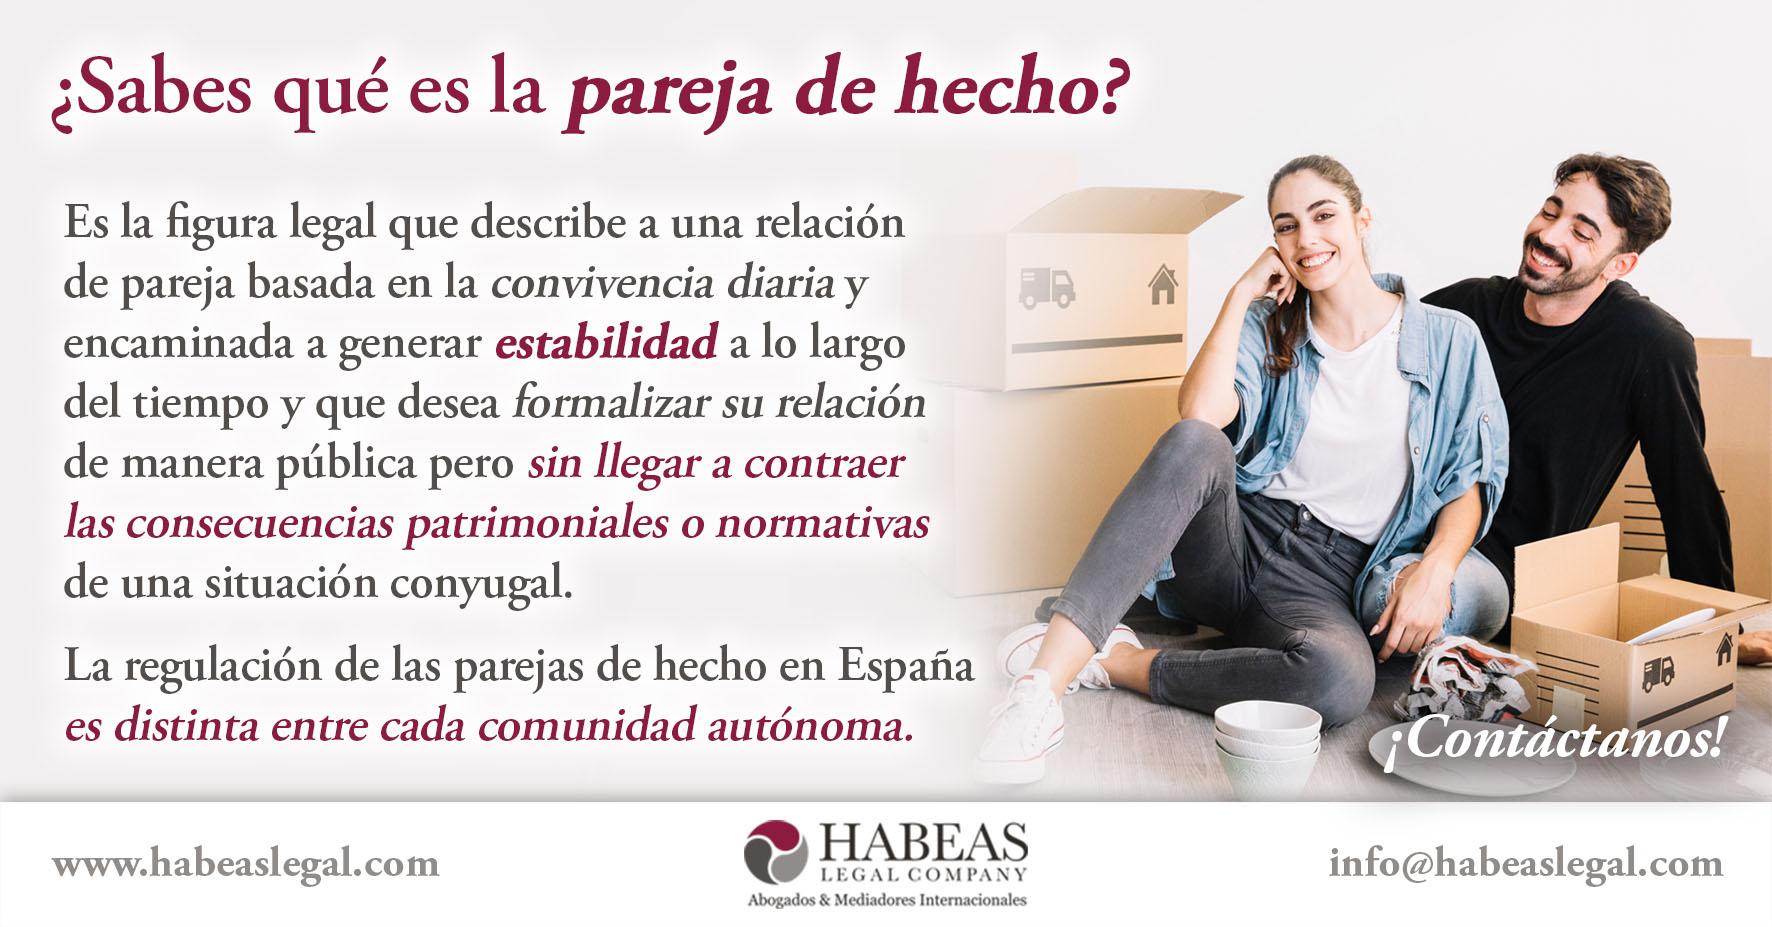 Pareja de hecho Habeas Legal - ¿Sabes qué es la Pareja de Hecho?